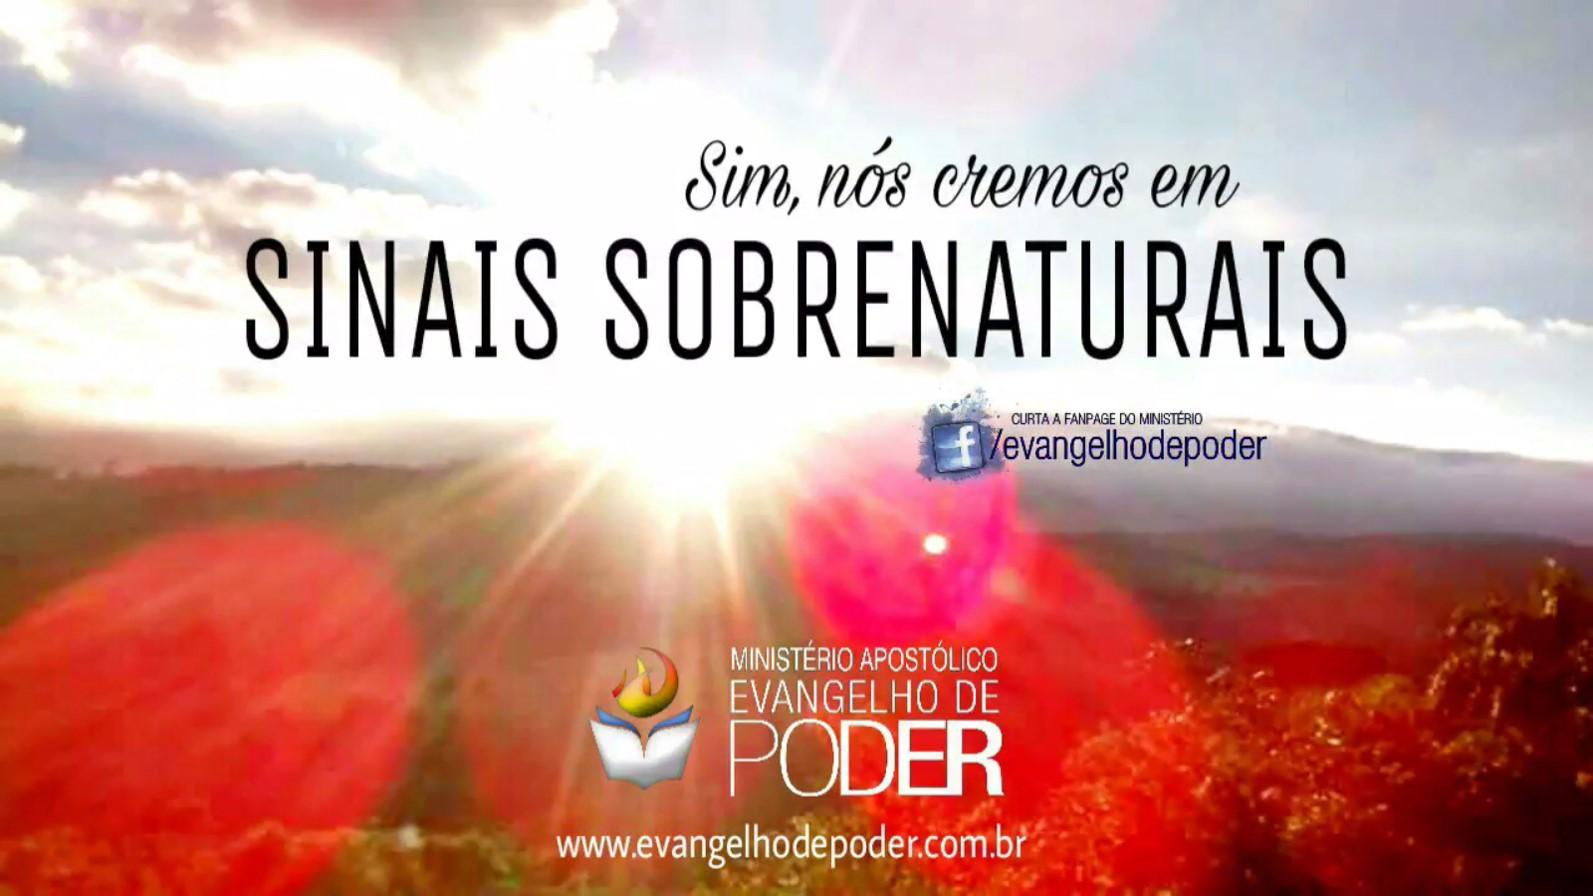 SINAIS SOBRENATURAL NA MÃO DE CRIANÇA - PÓ DE PRATA